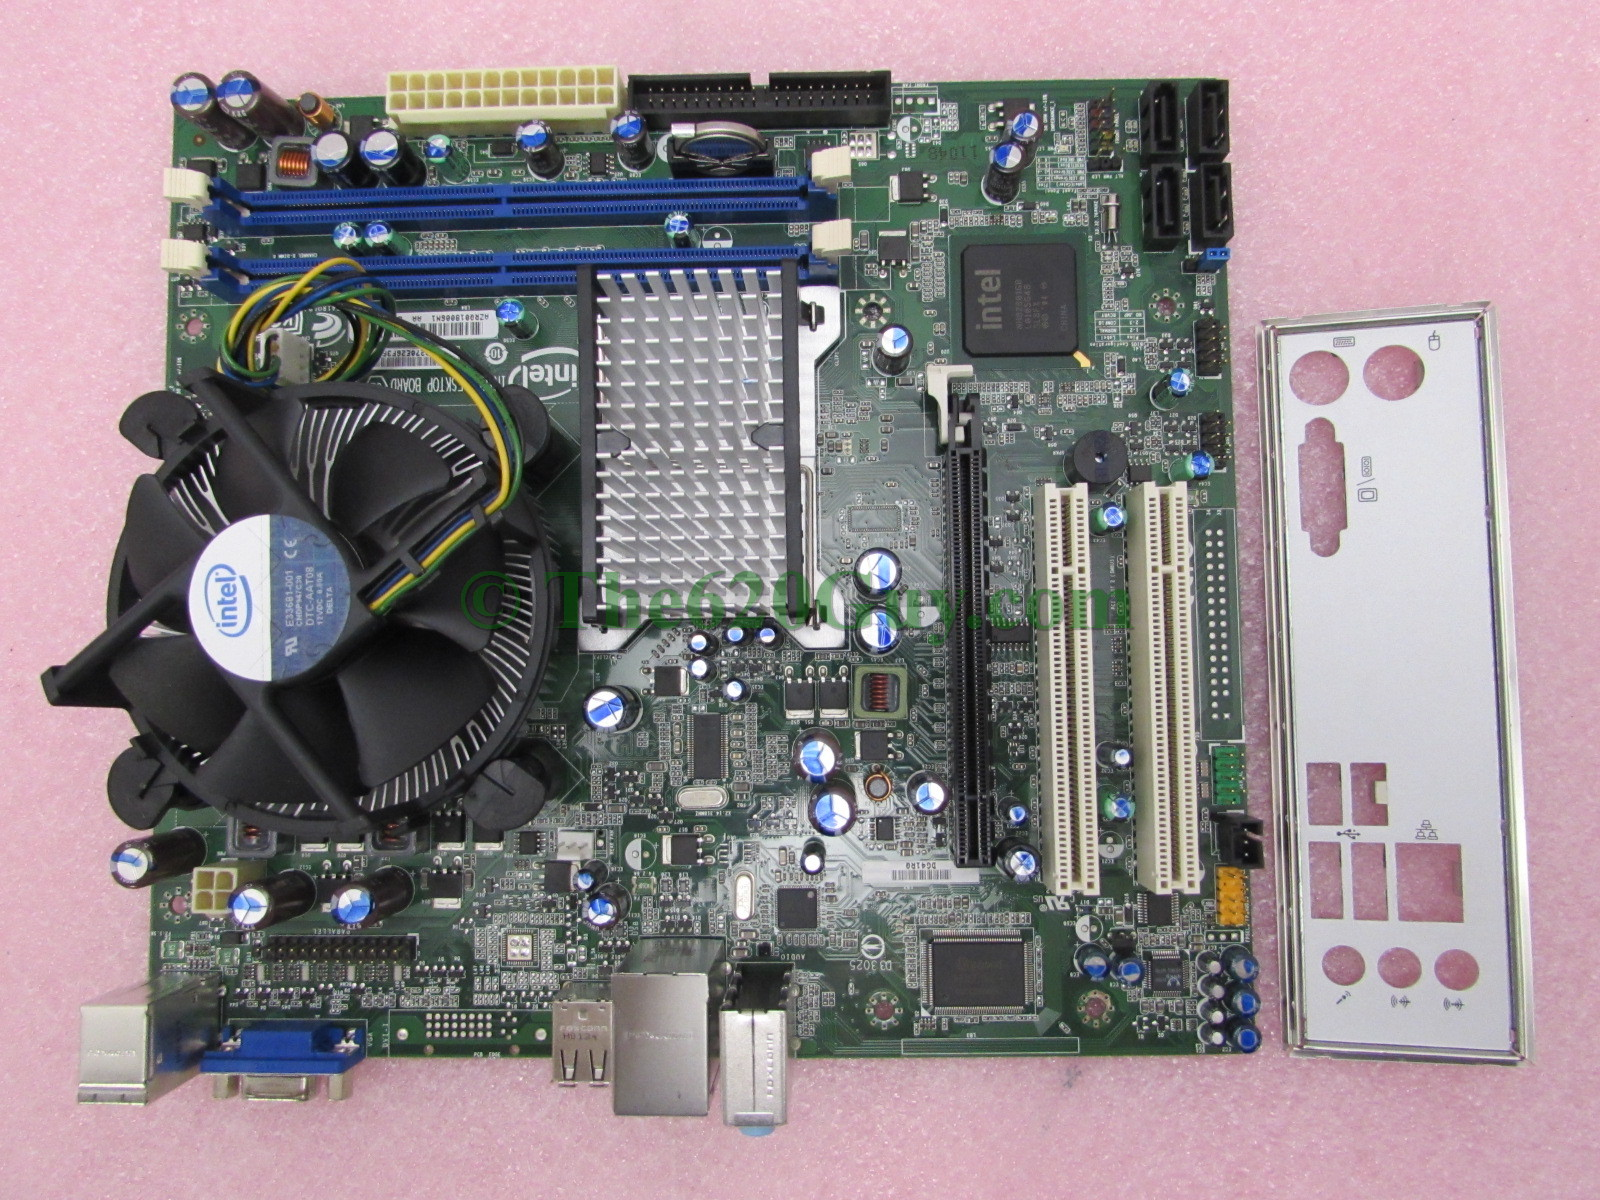 Intel DG41RQ Desktop Motherboard D33025 + Pentium Dual Core E5300 2 6GHz  CPU+Fan - The620Guy com